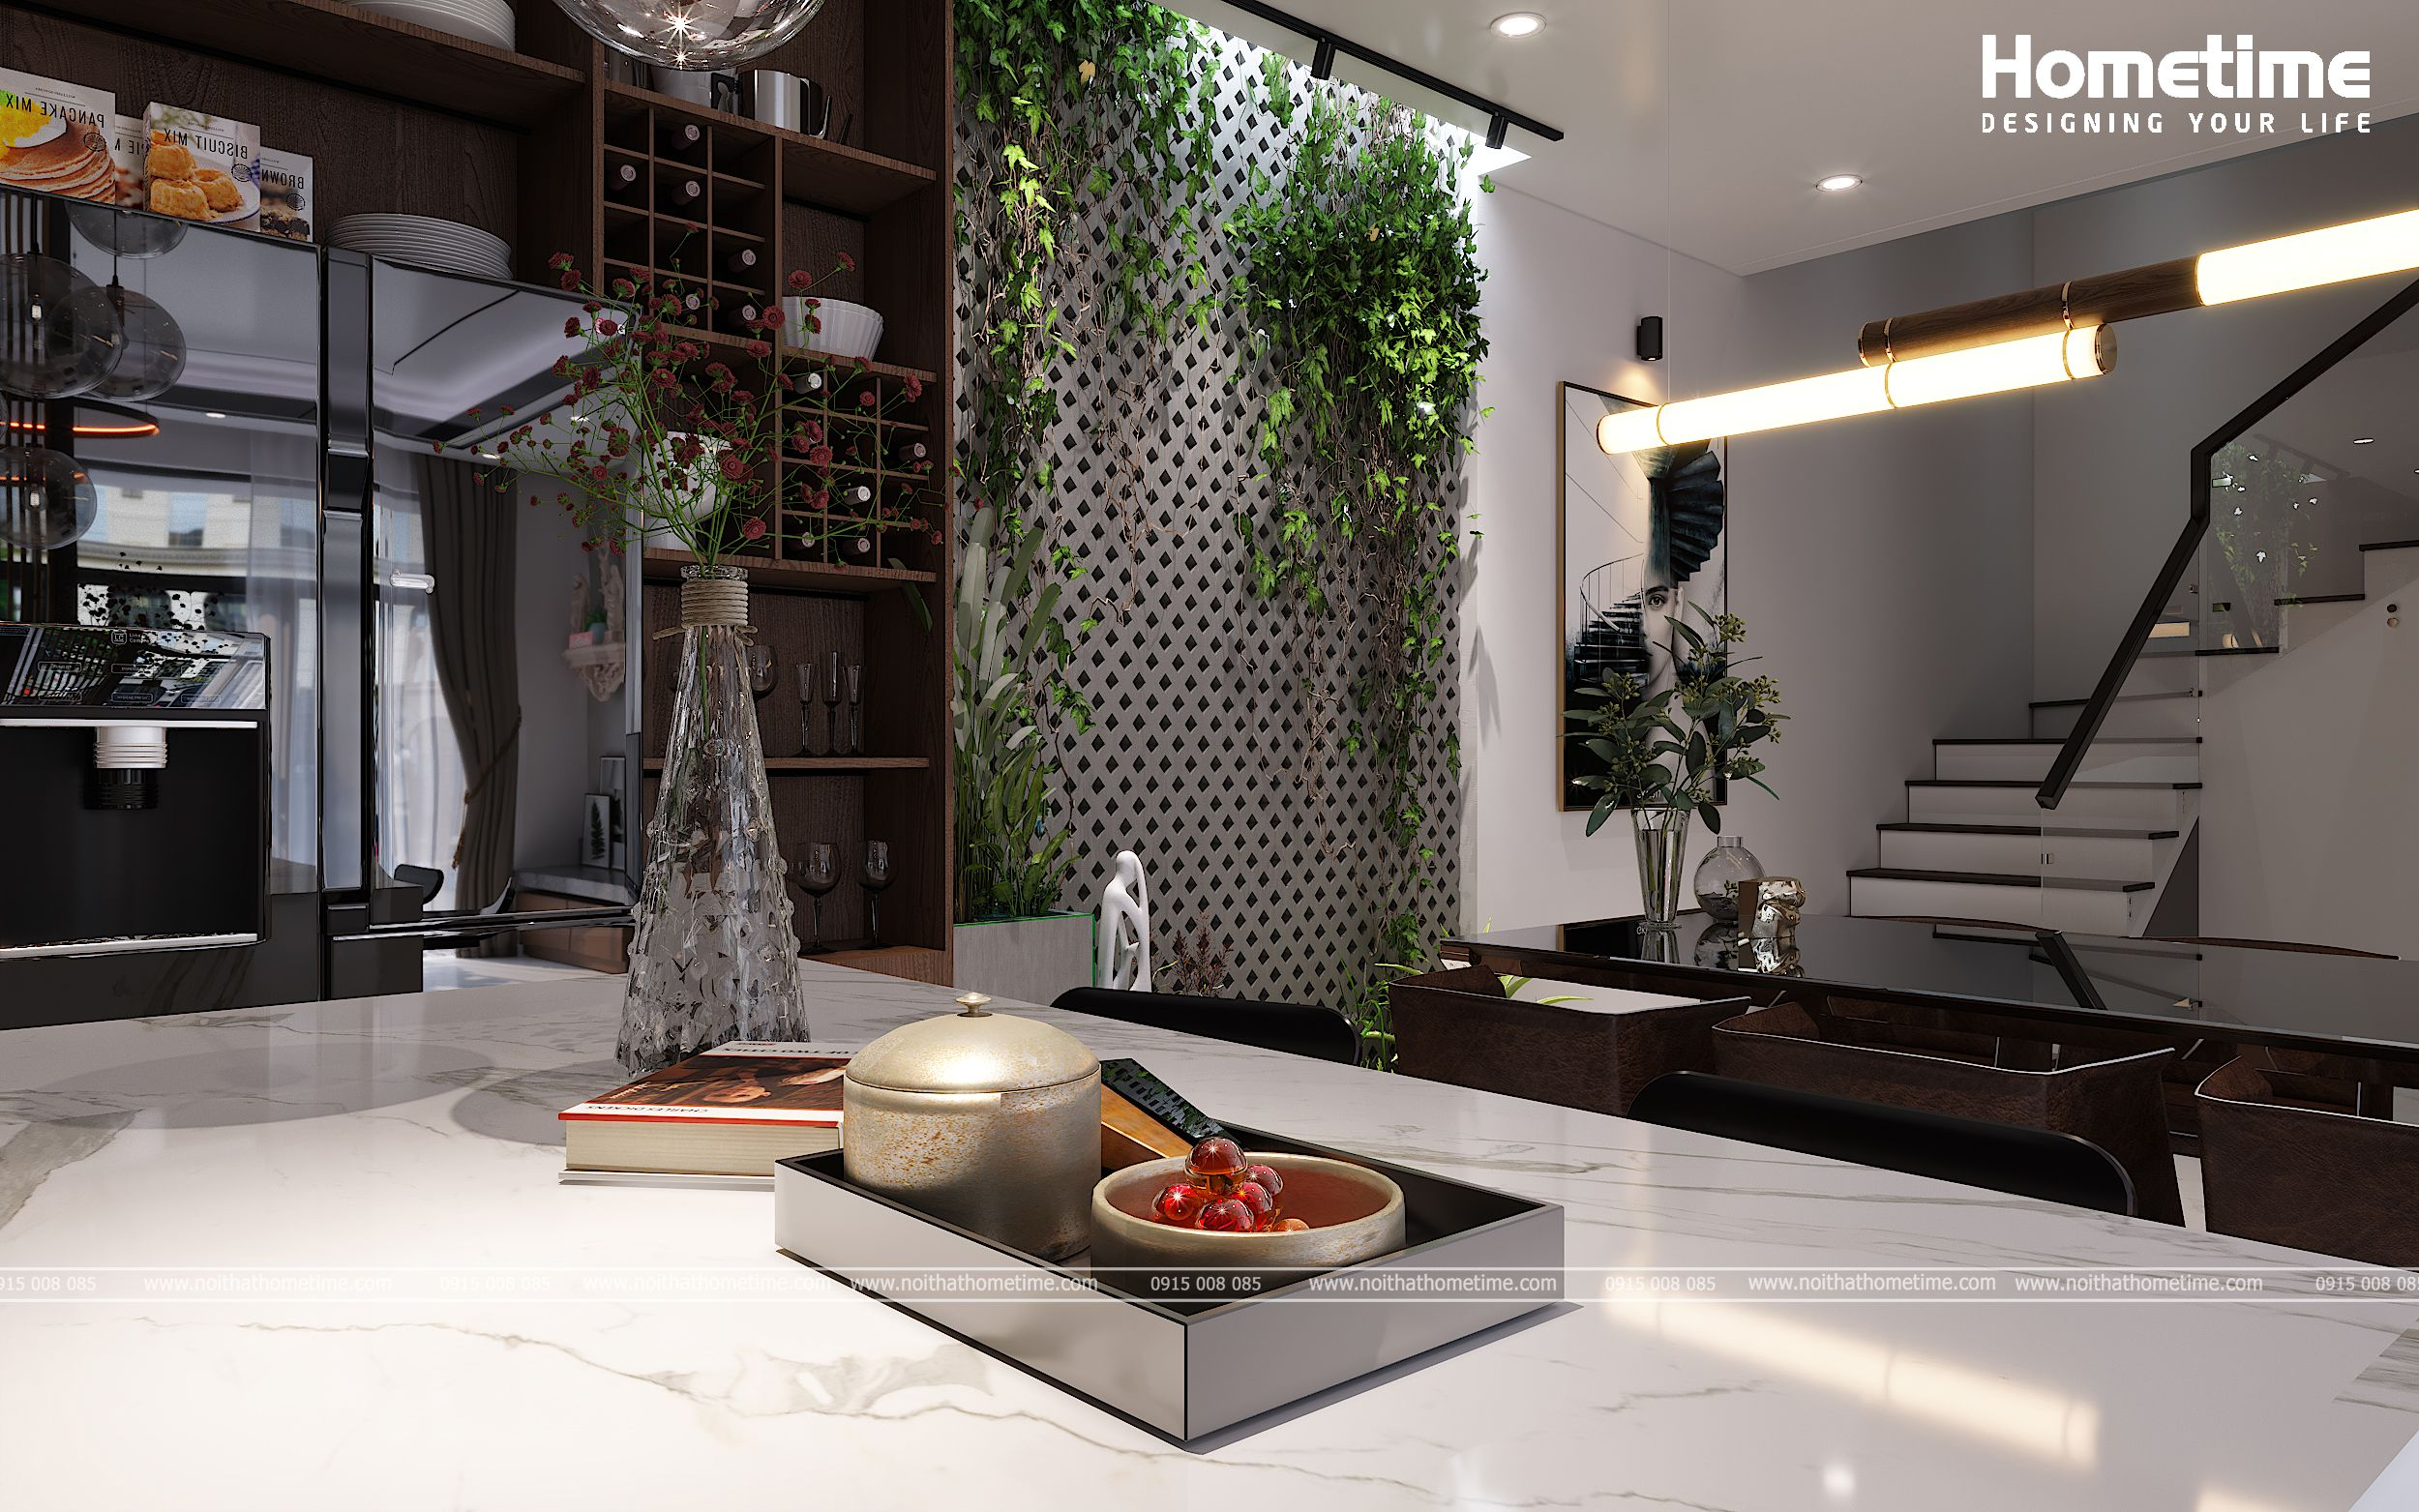 Đặt thêm cây trong phòng rất có lợi cho sức khỏe